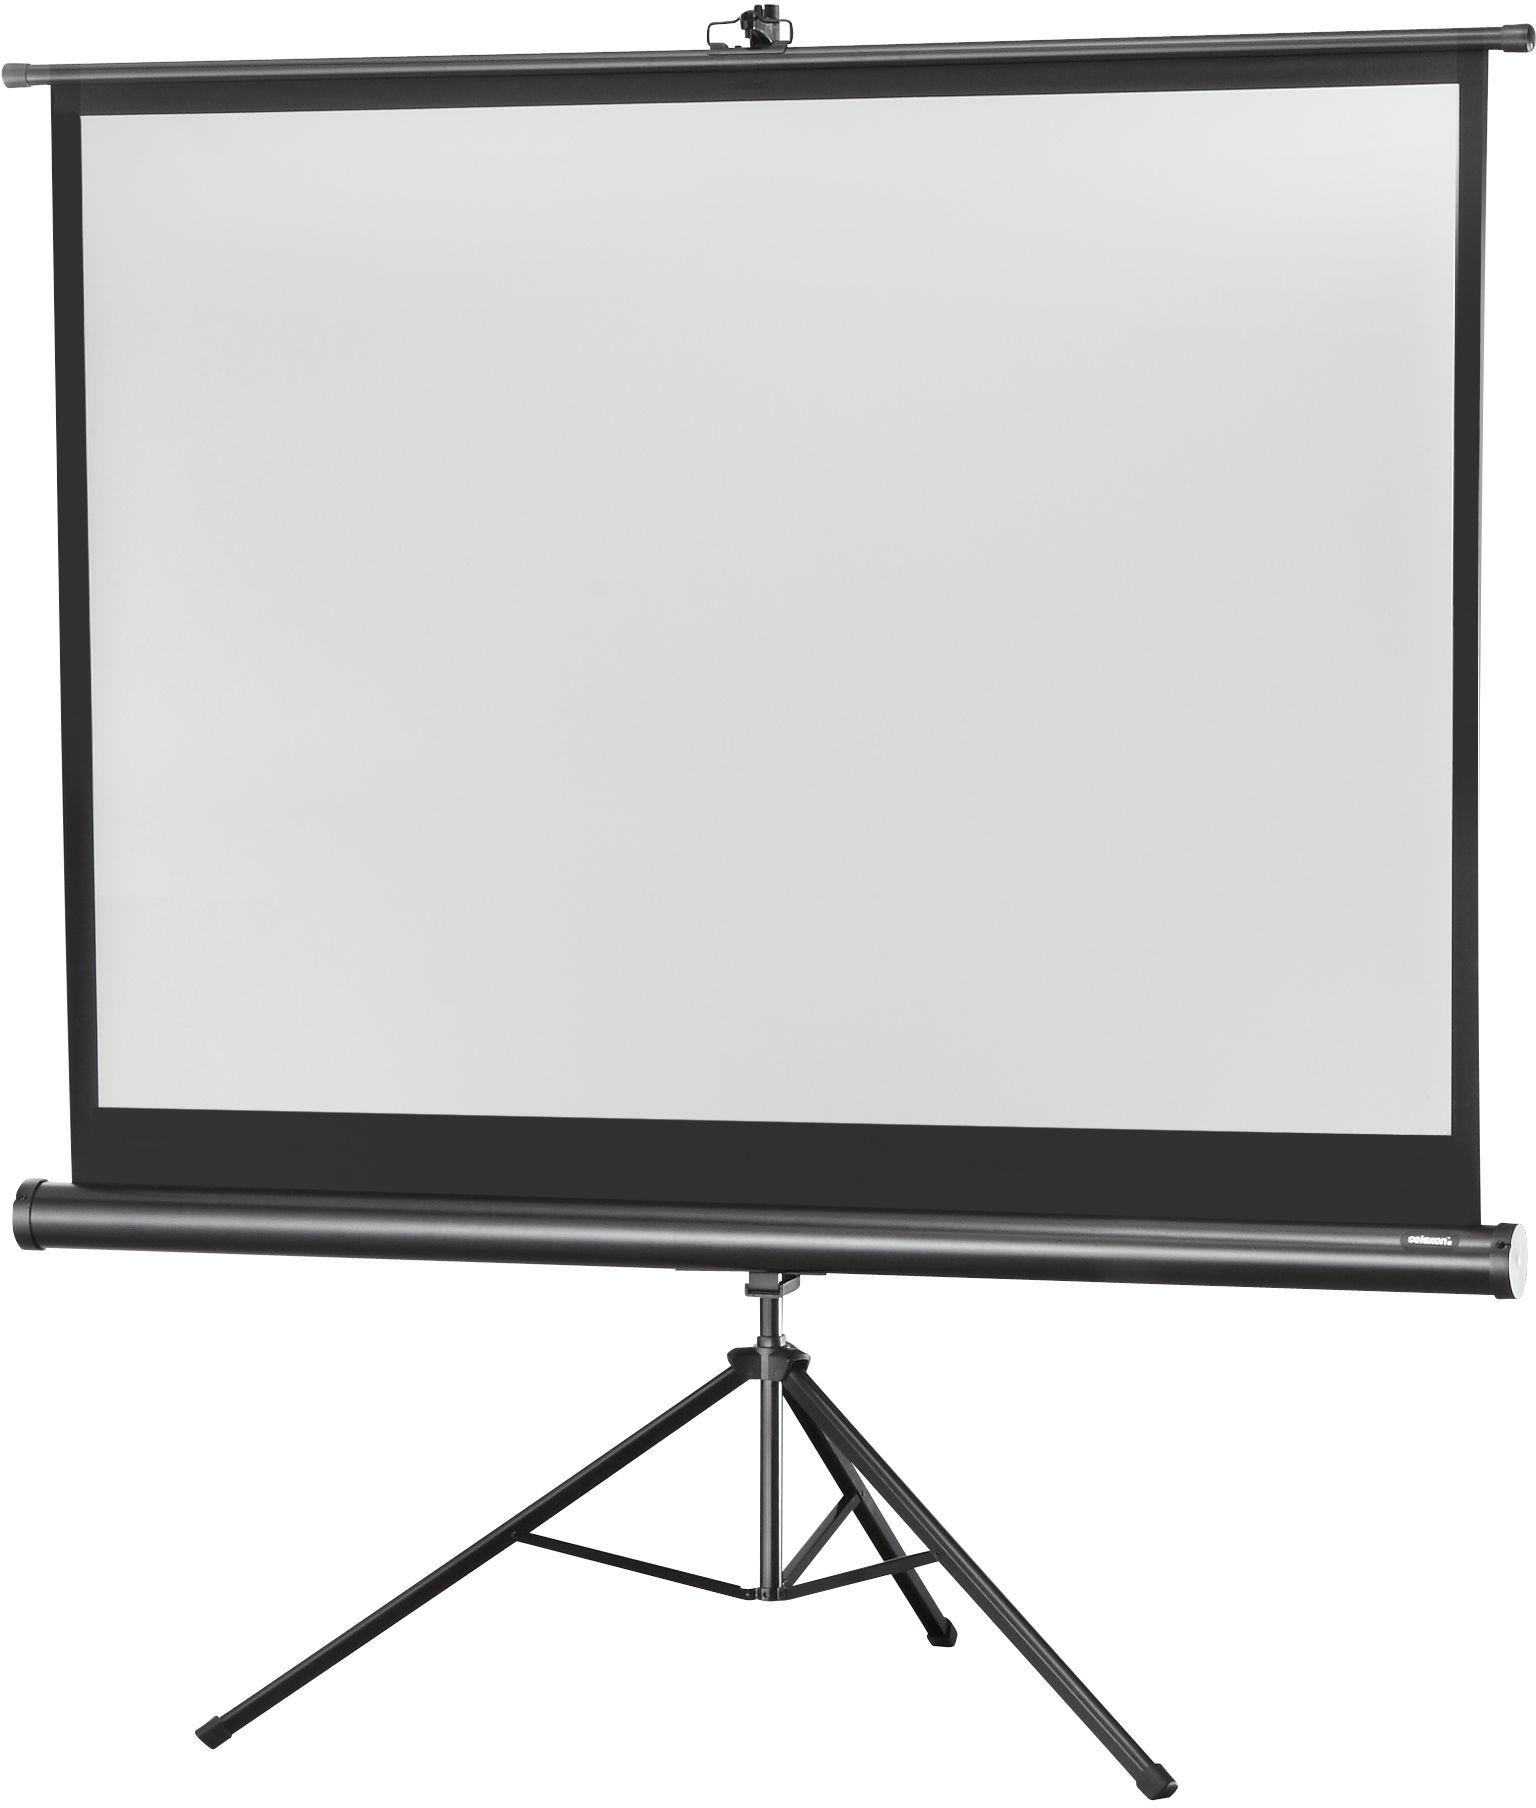 celexon Economy 176 x 132 cm ekran projekcyjny na trójnogu - Biala edycja